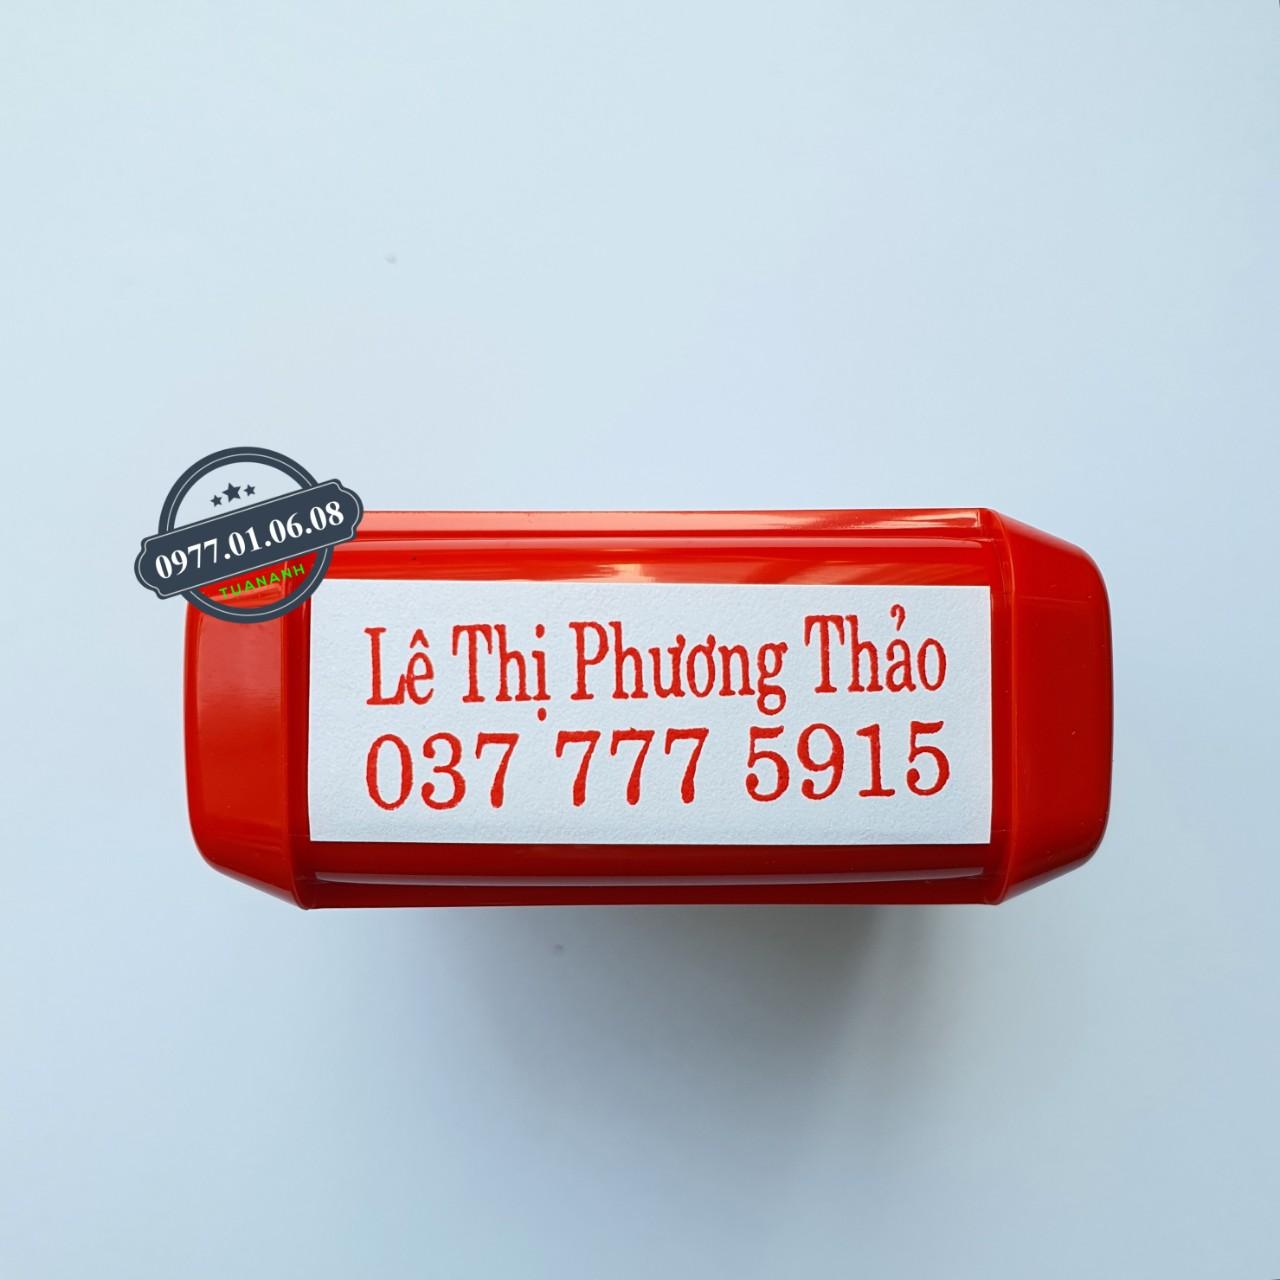 Khắc dấu số điện thoại kèm tên giá rẻ số 1 năm 2021 tại Hồ Chí Minh, Hà Nội và trên toàn quốc